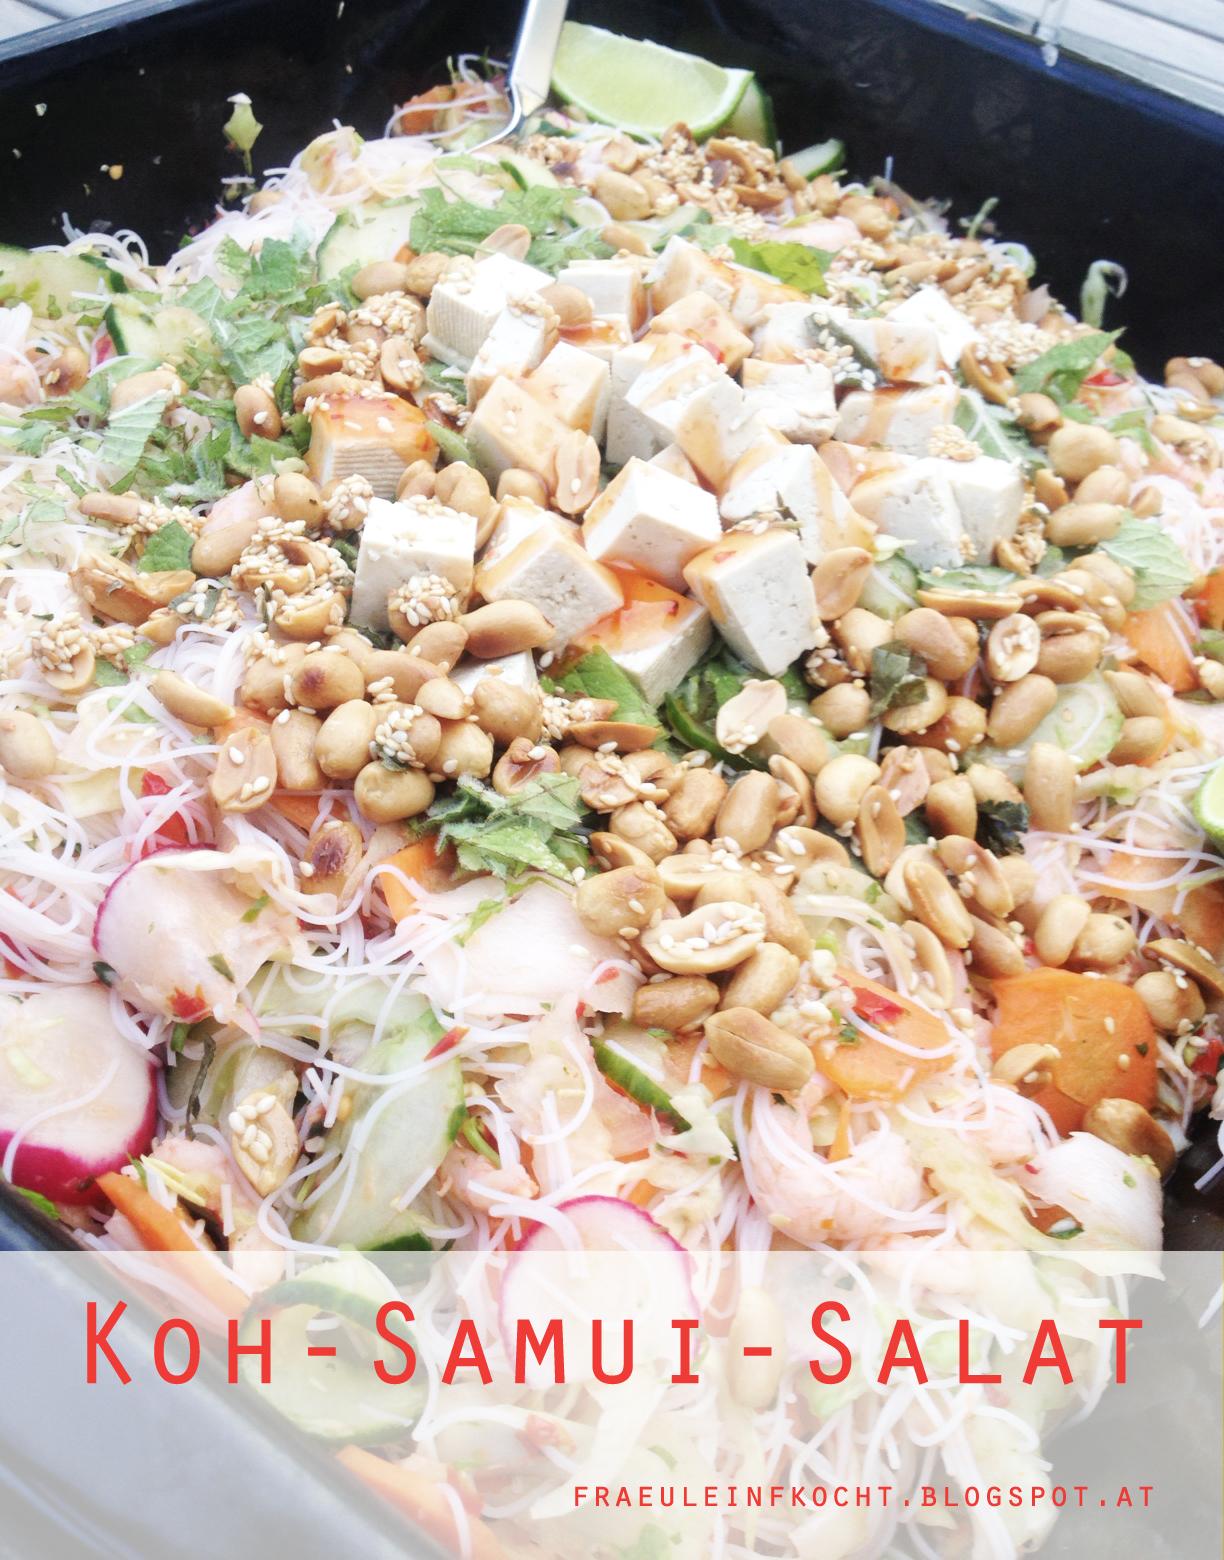 Fräulein F. kocht: Koh-Samui-Salat